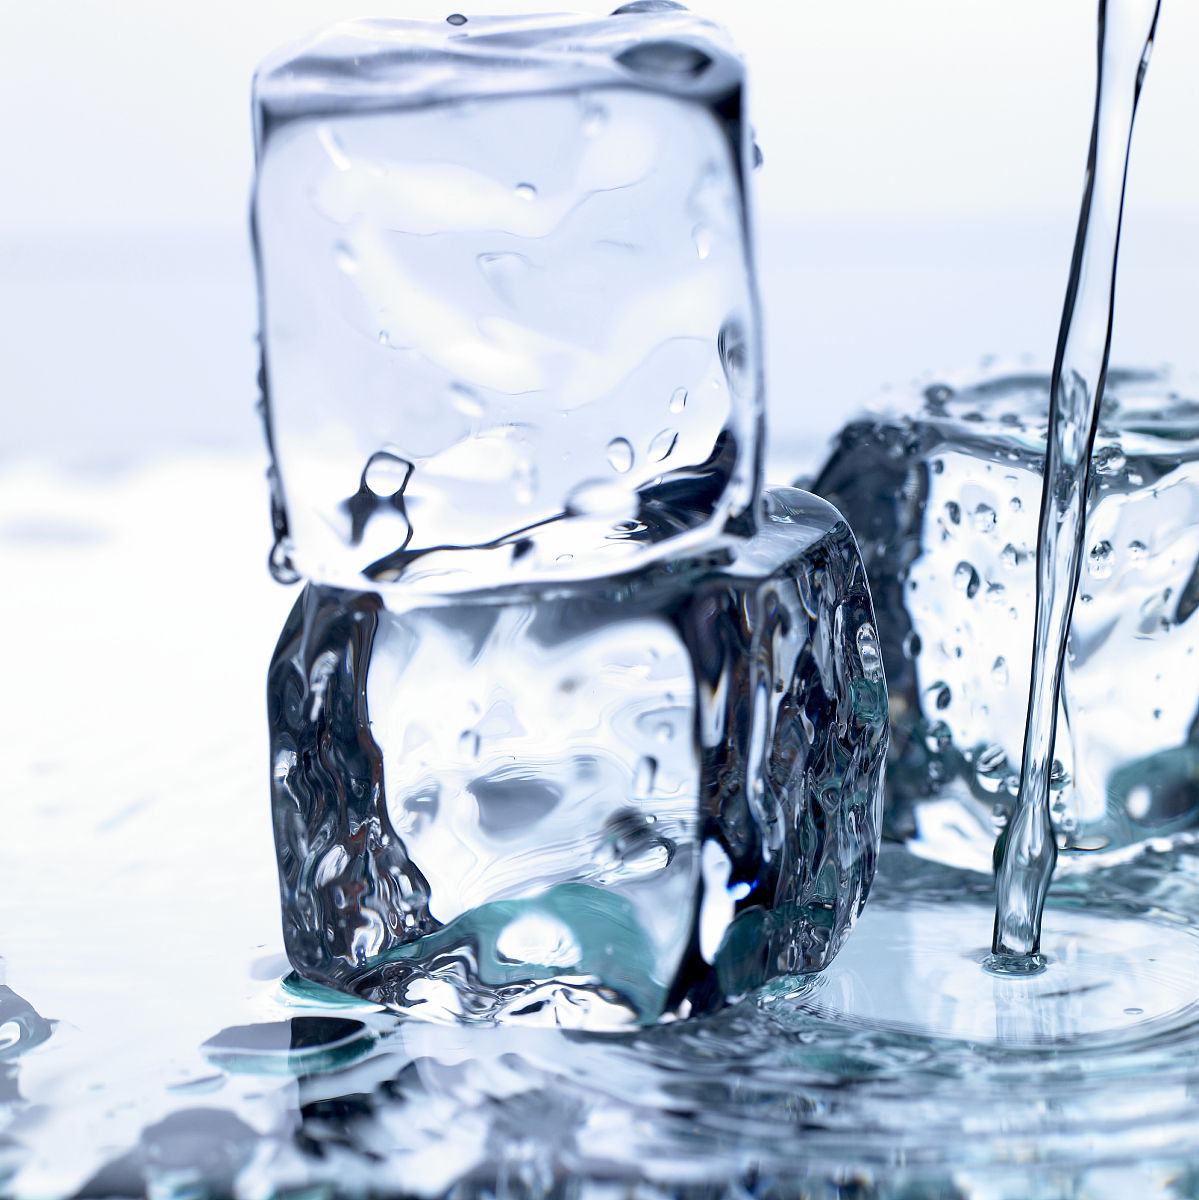 饮料,寒冷,湿,水彩画颜料,彩色背景,流动,饮用水,倒,流水,水坑,影棚图片